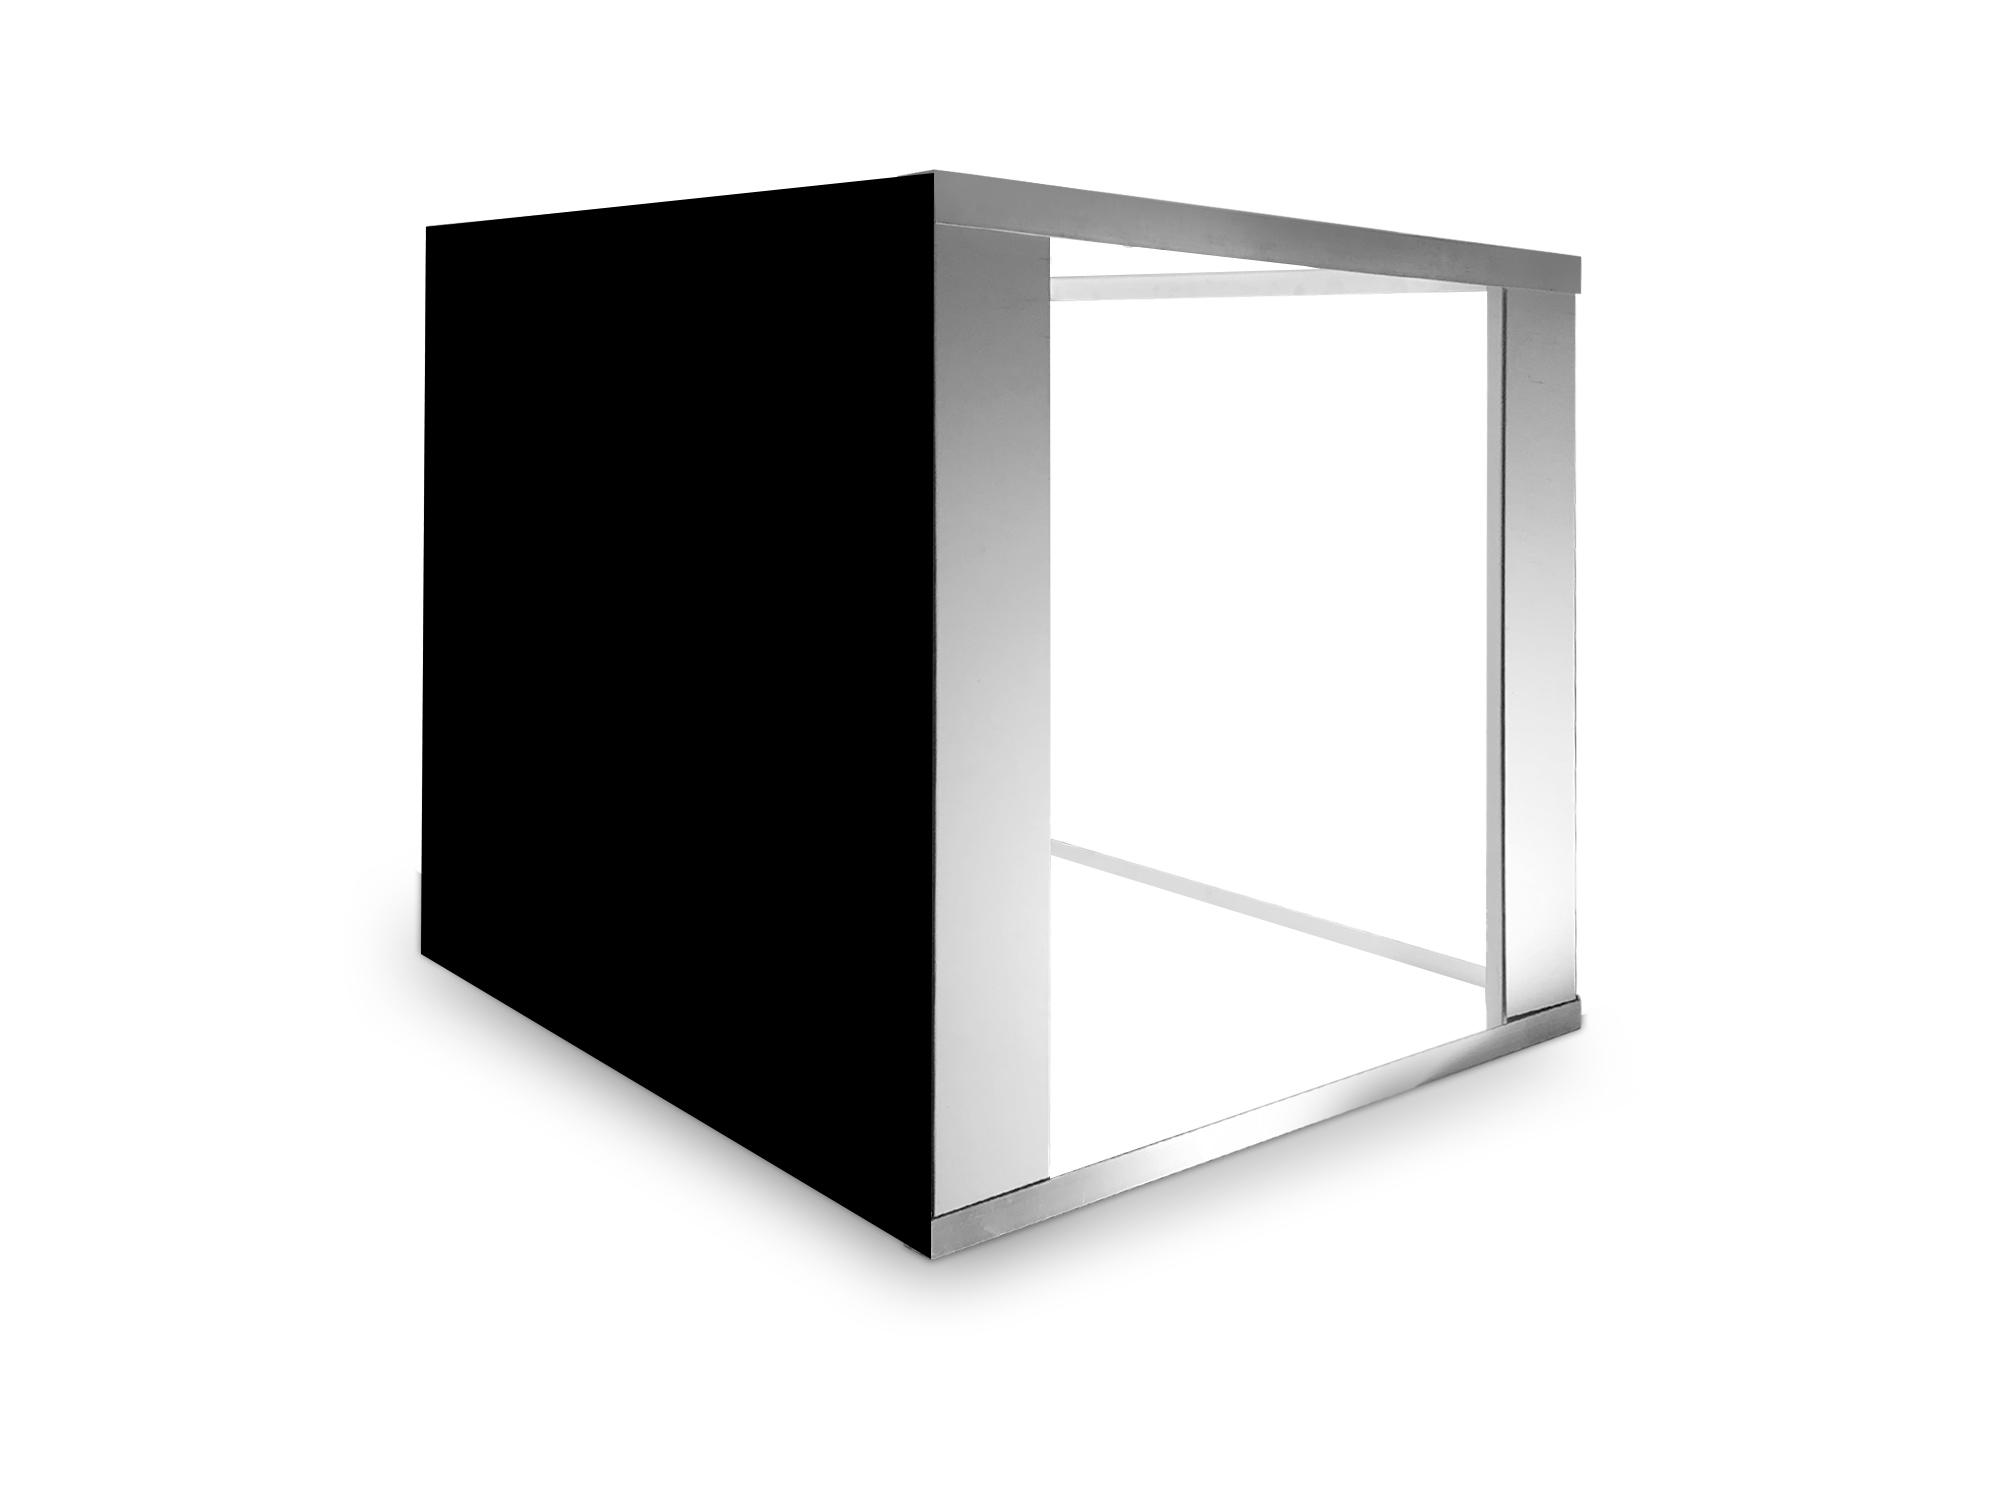 fotobox-f80-1 Fotobox Pro F80